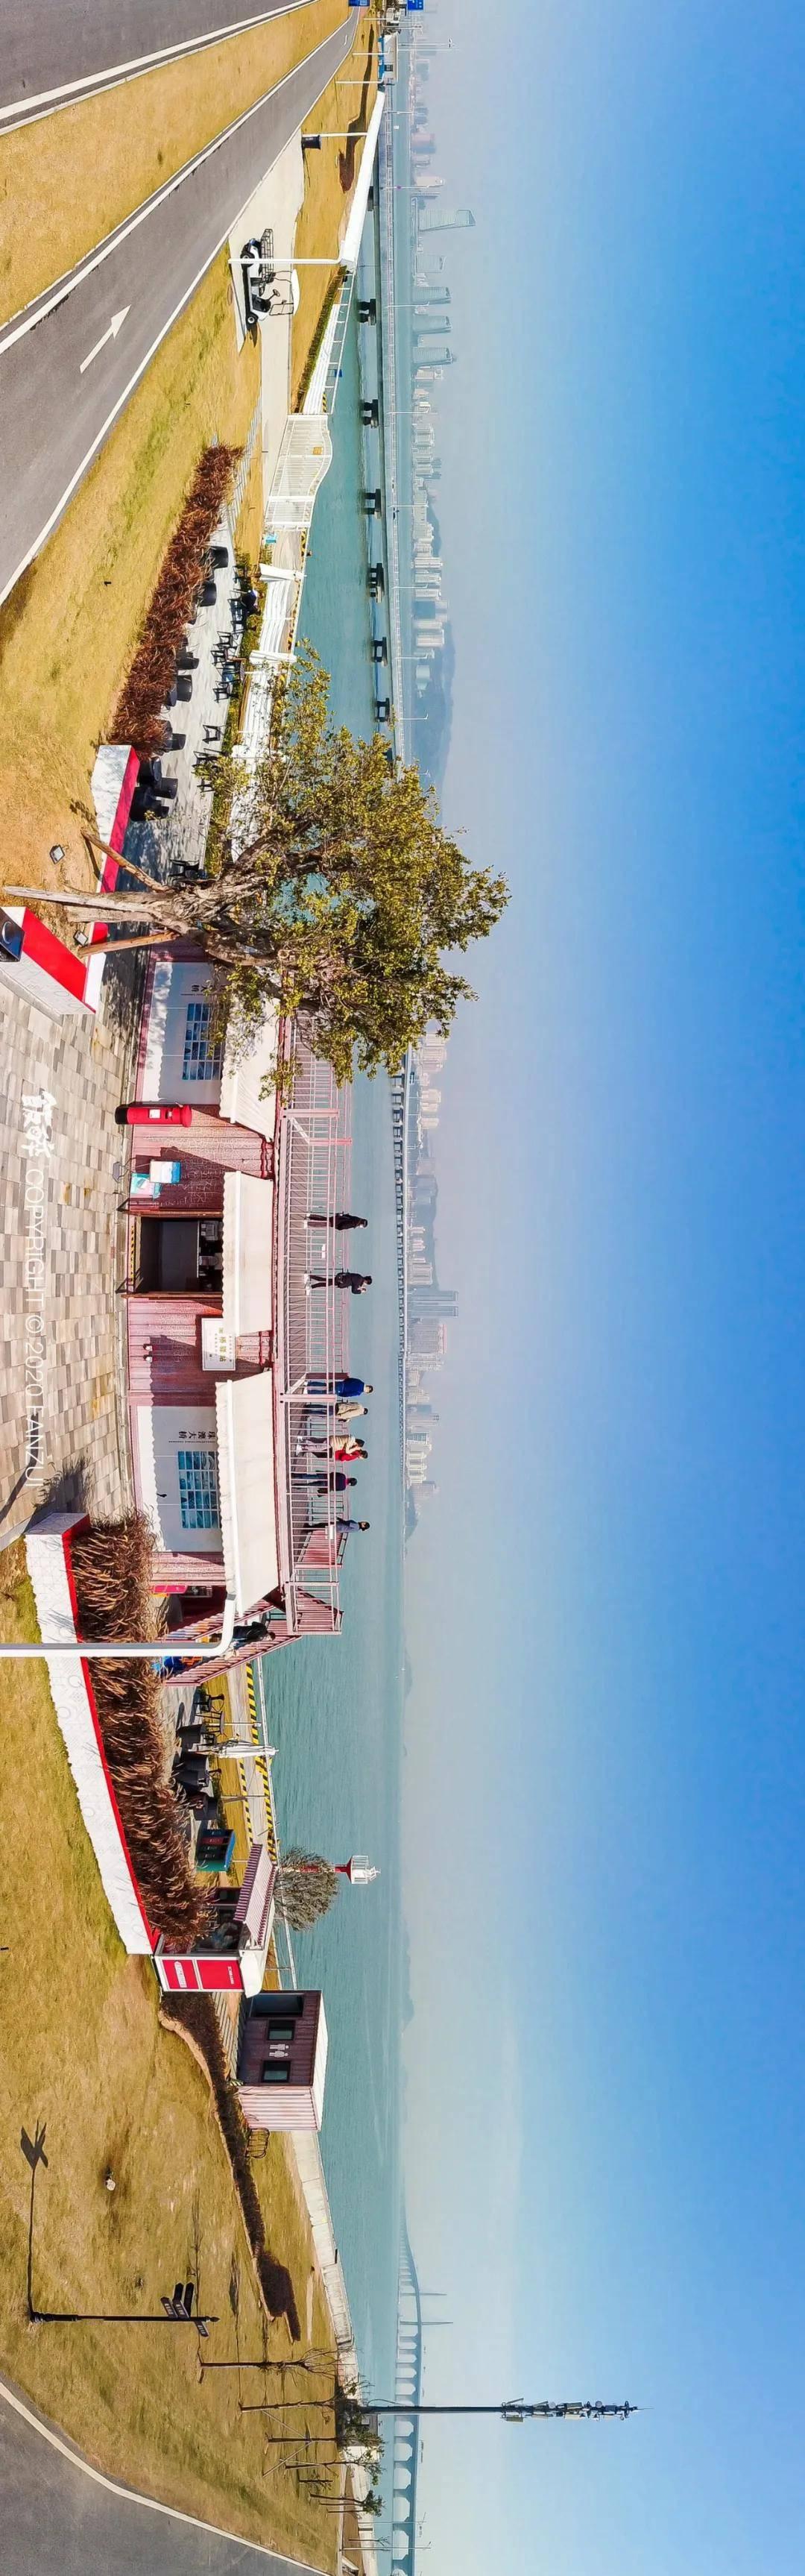 珠海首家绝美海景咖啡店!远眺港珠澳大桥,一人承包一片海!